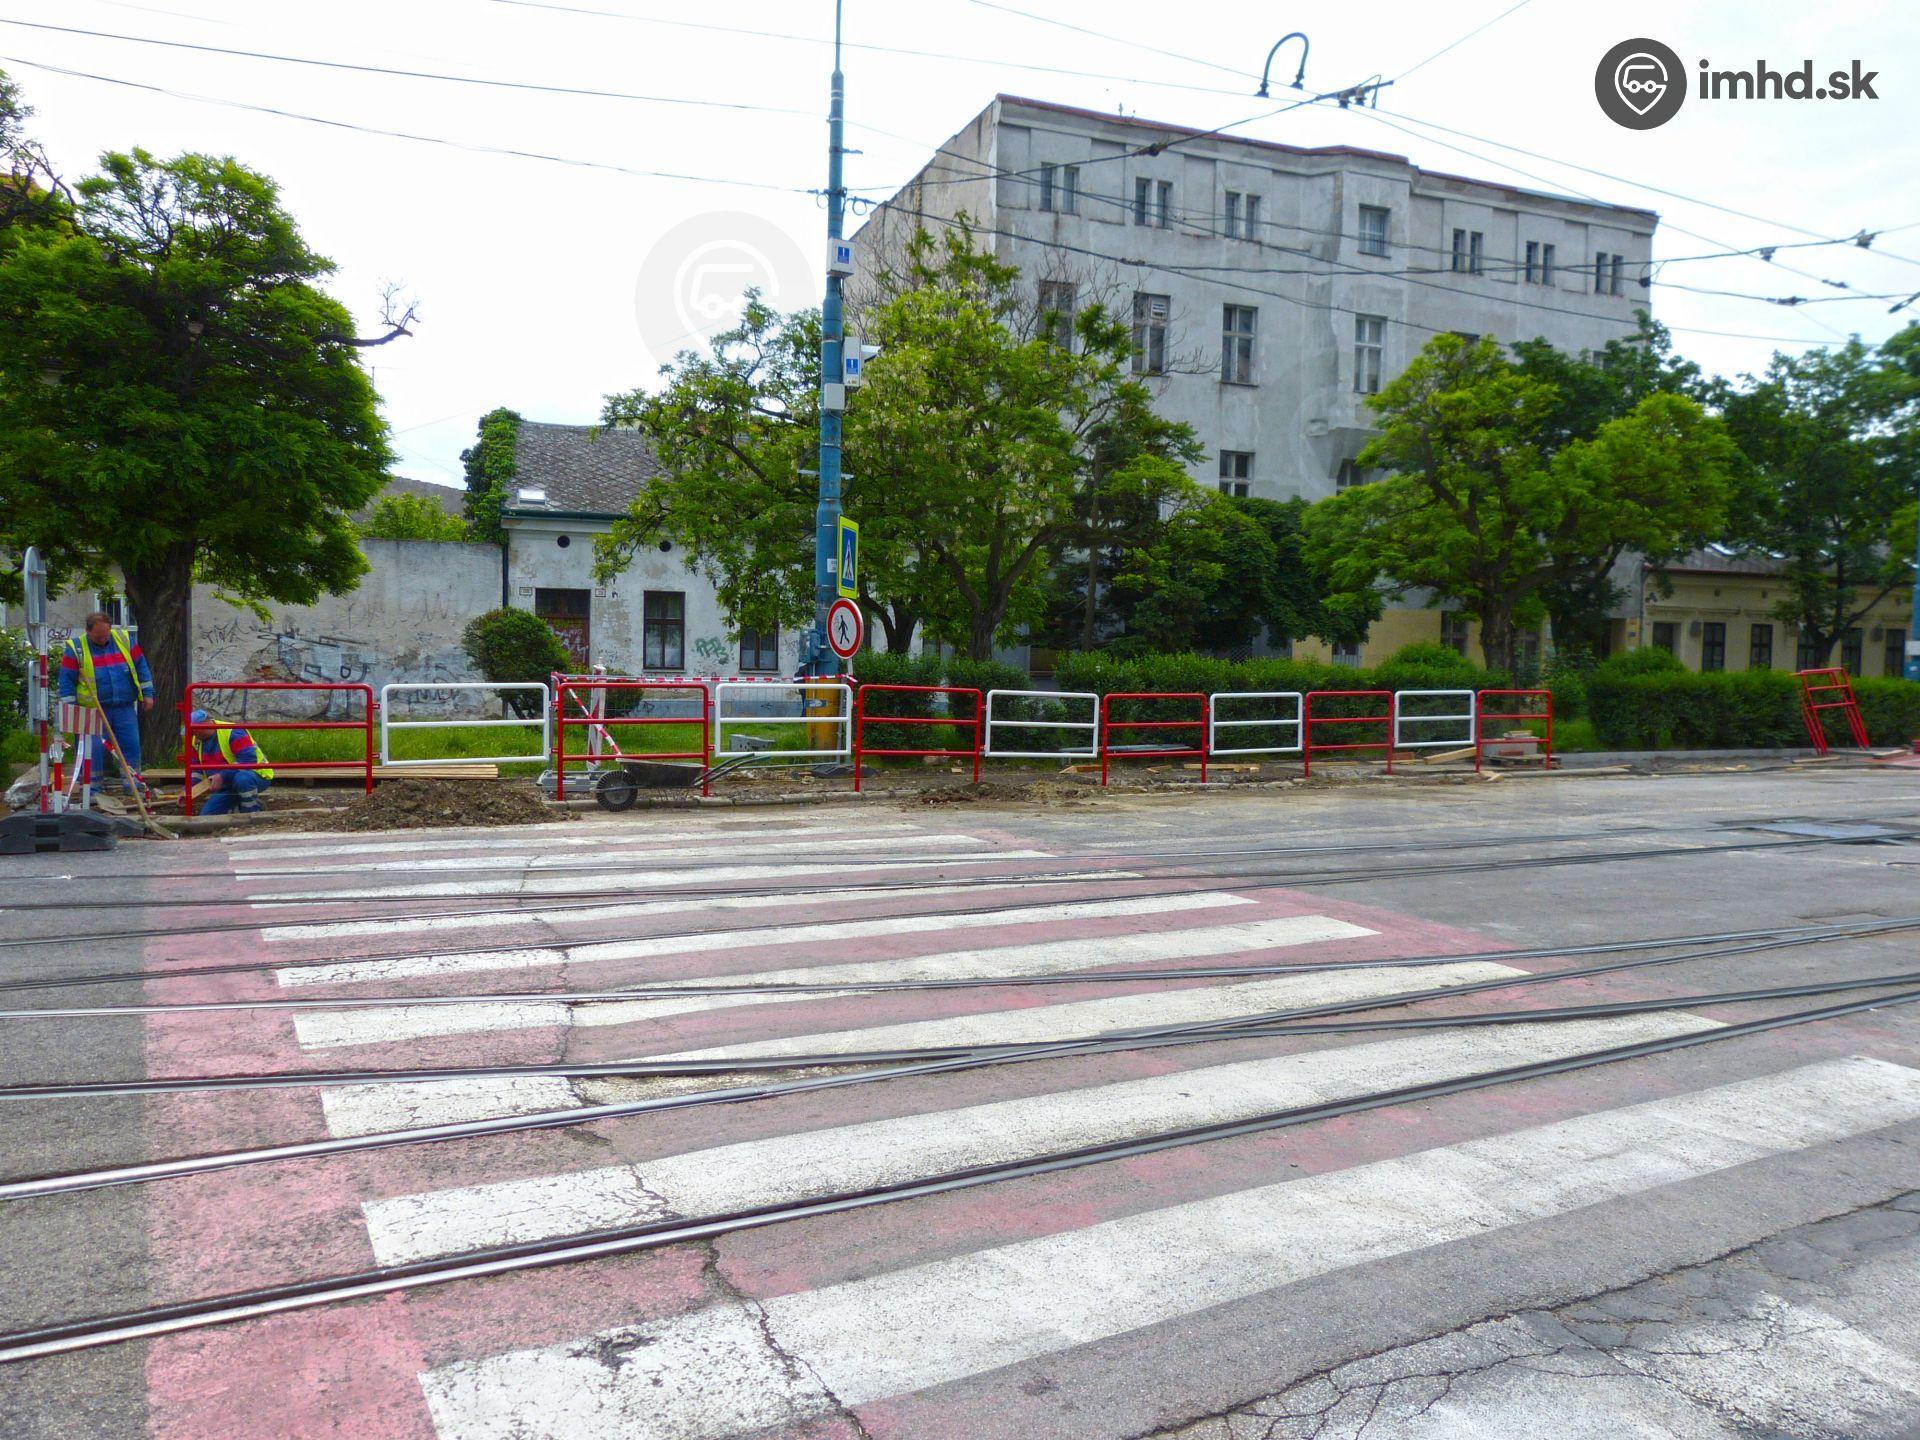 5f9f0cade252 V rámci novej zastávky prehradia priechod pre chodcov • imhd.sk Bratislava